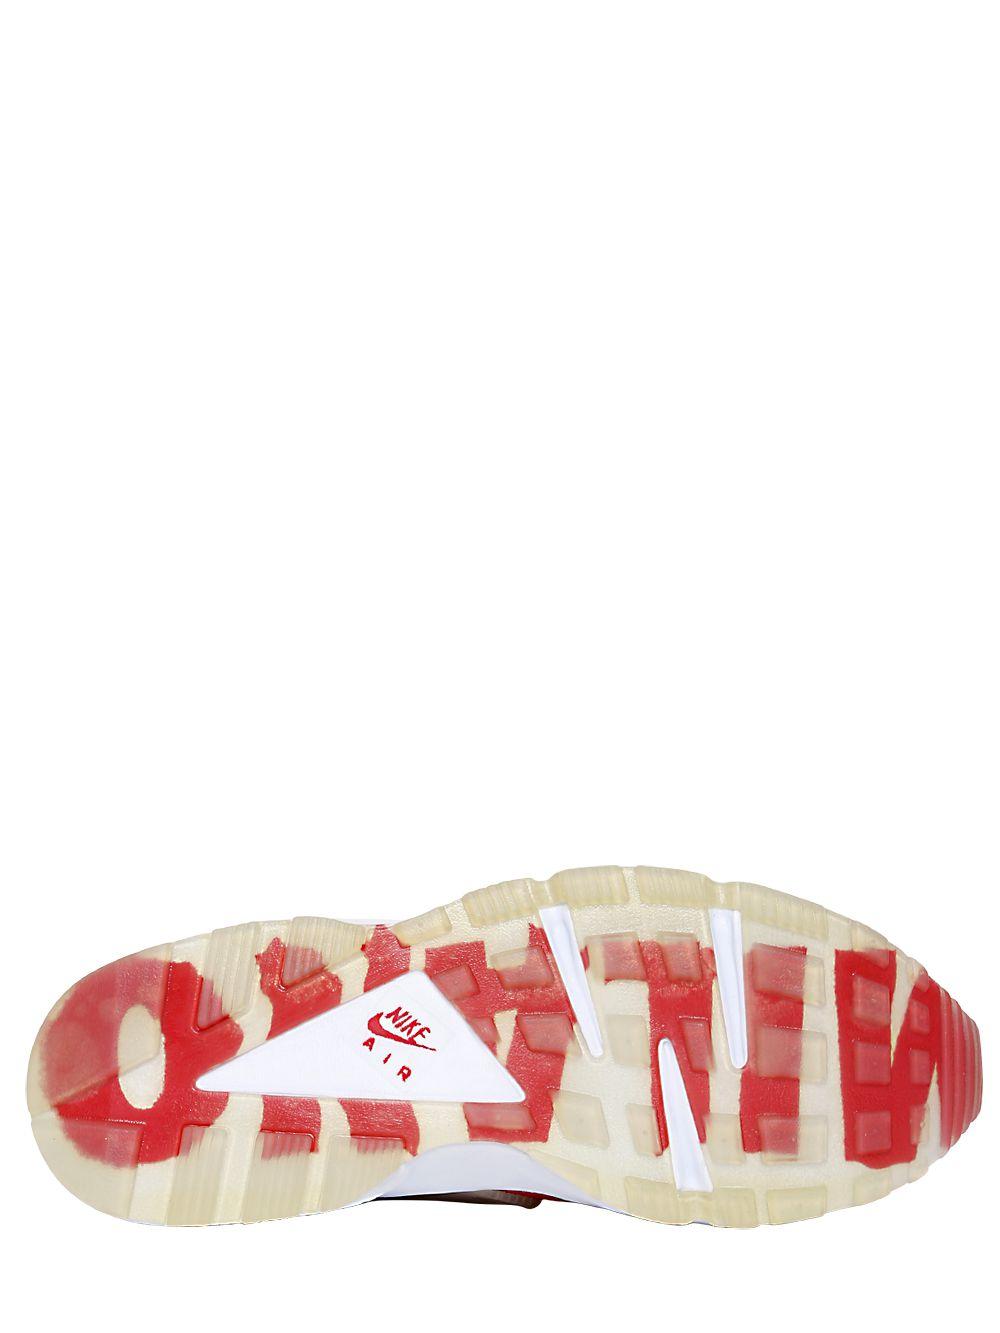 Air Huarache Run Prm Sneaker